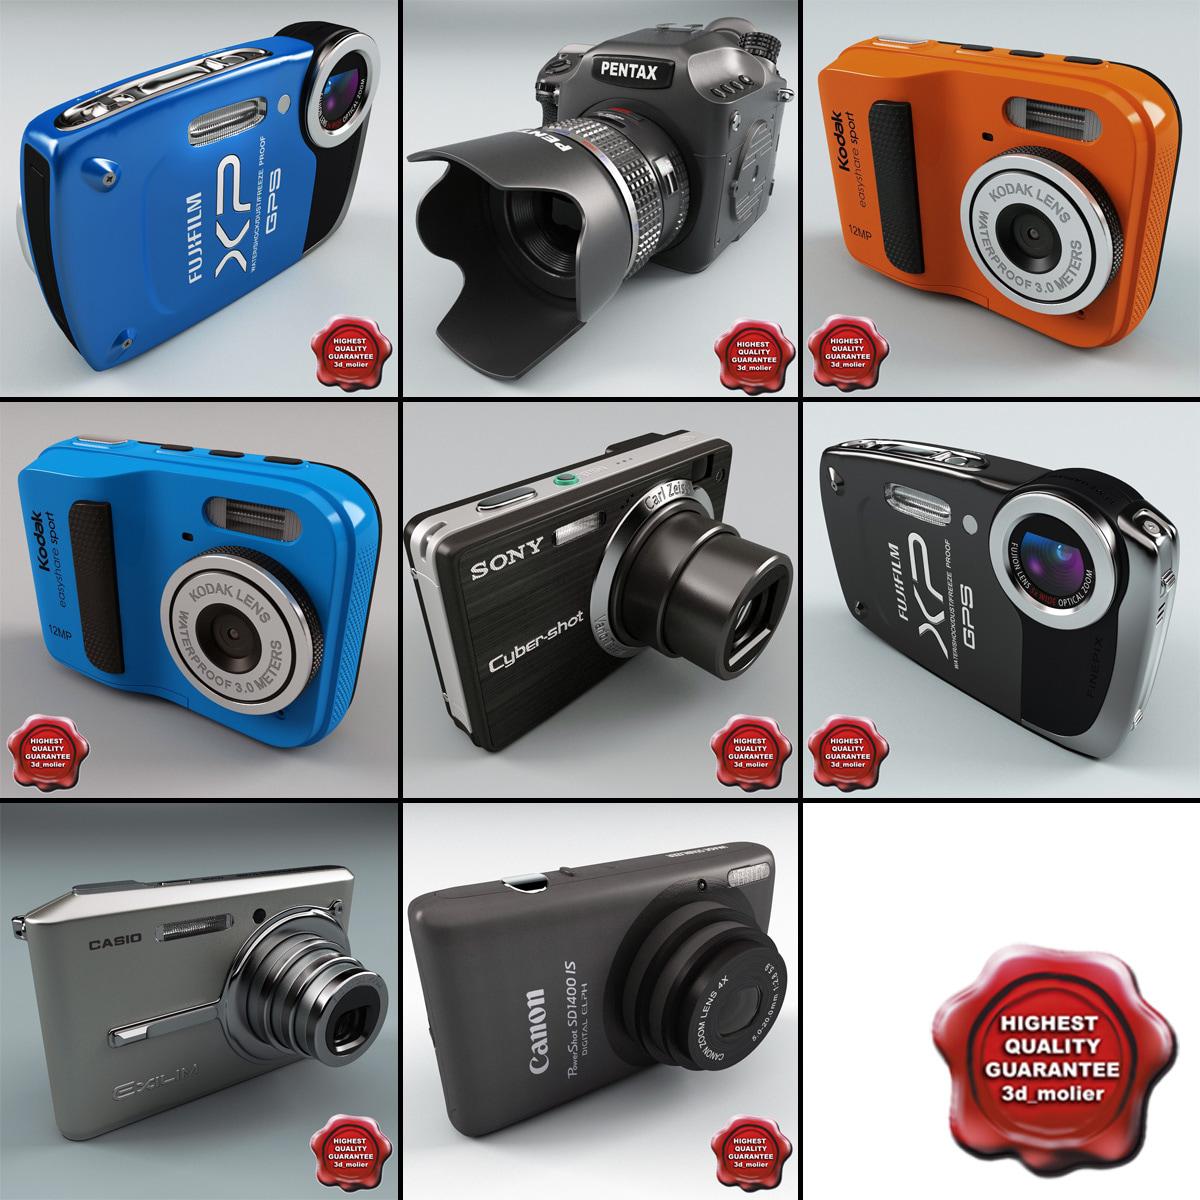 Digital_Cameras_Collection_V6_000.jpg